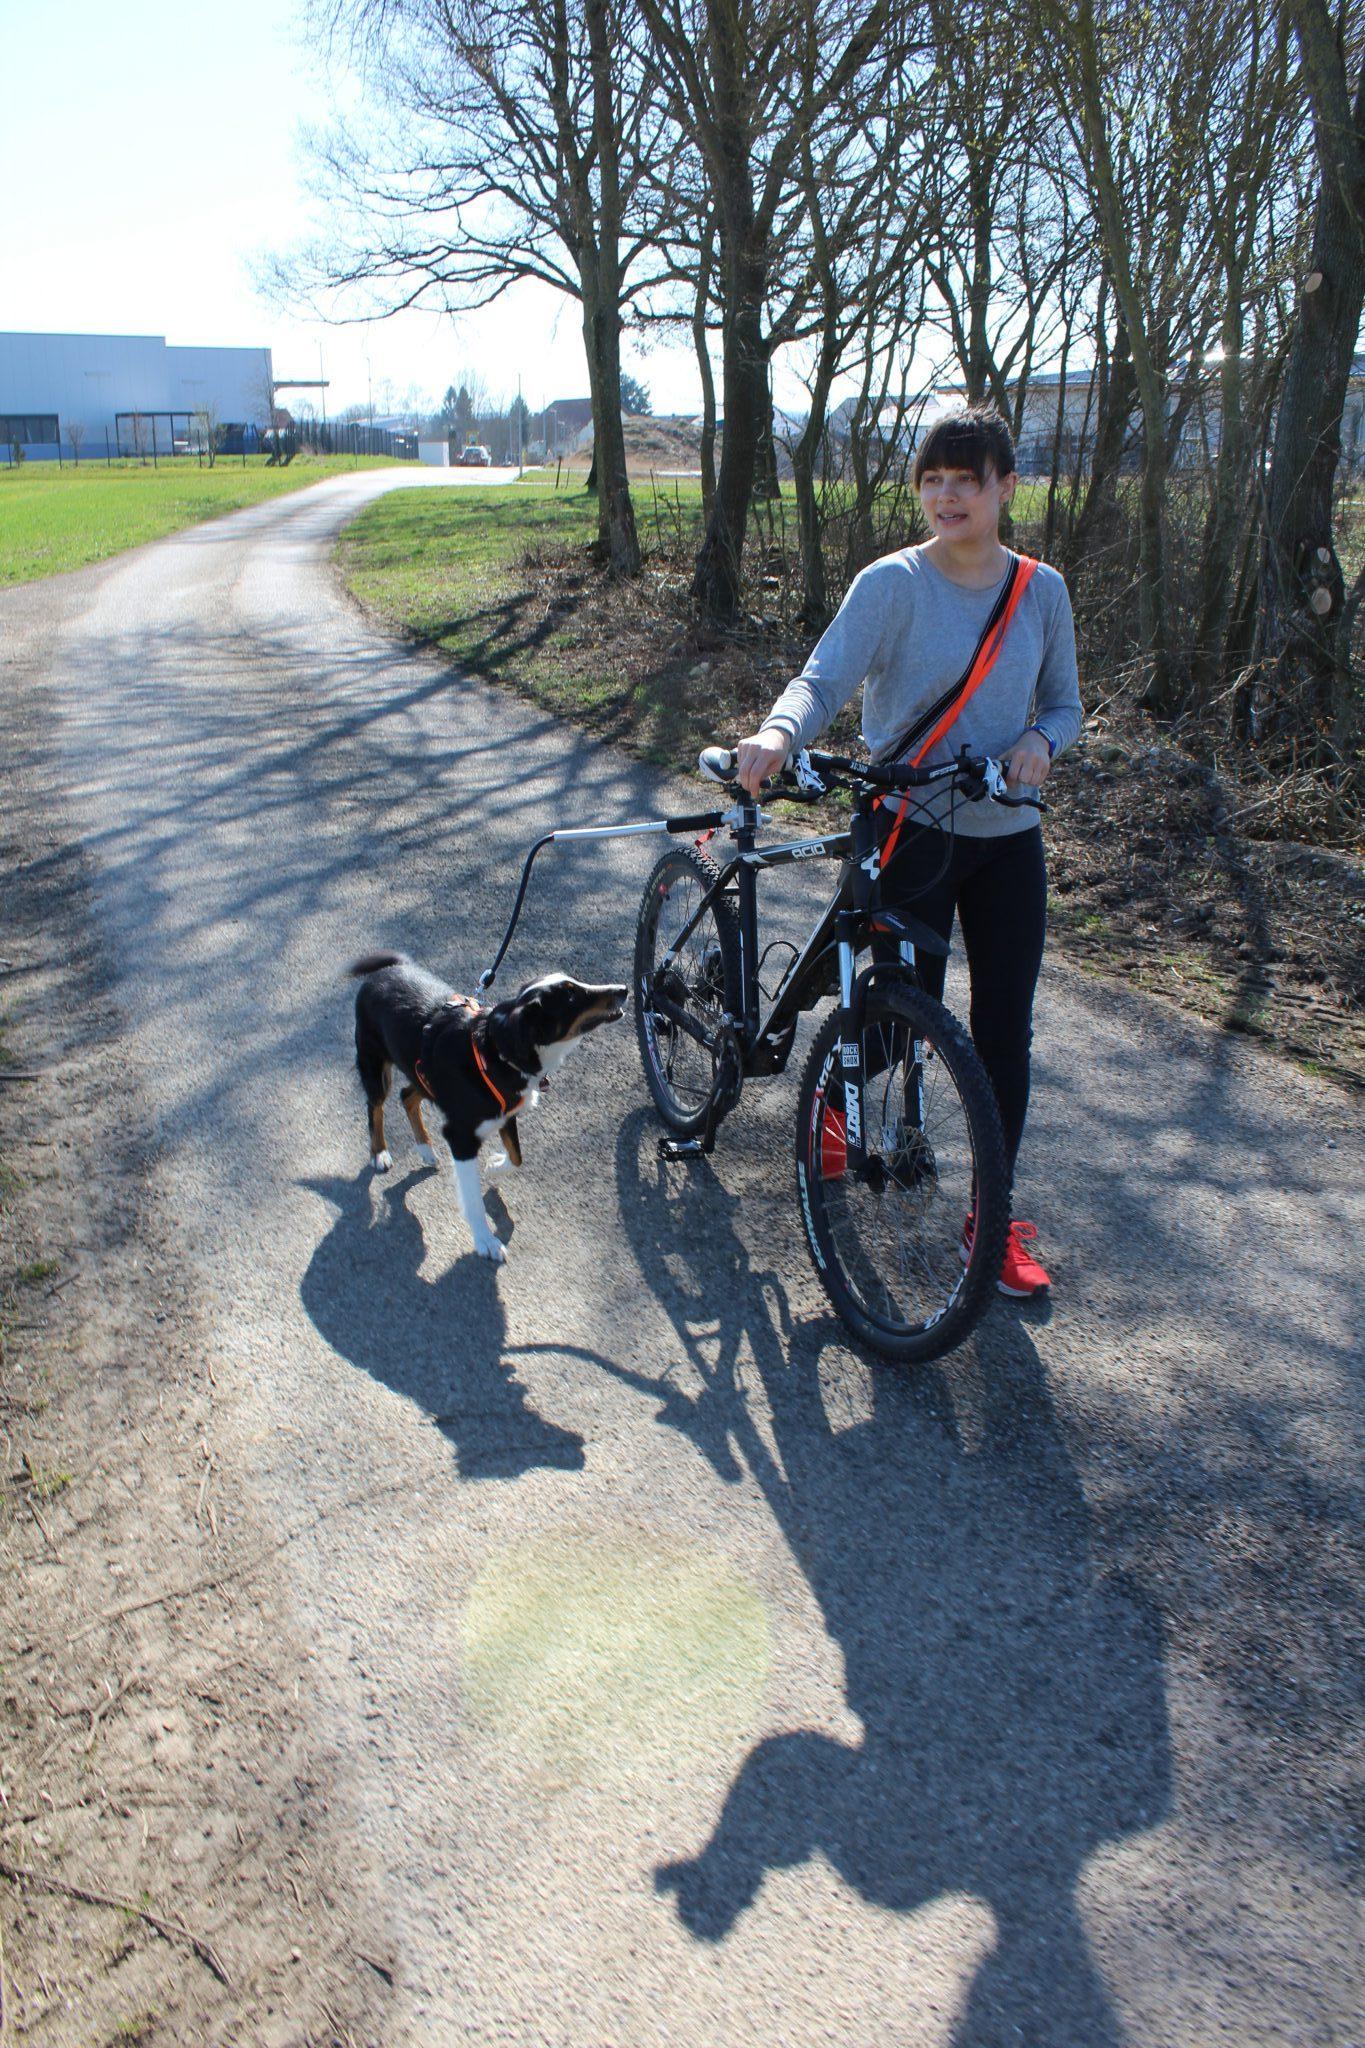 Hund läuft beim Hundetraining neben dem Fahrrad an der Fahrradhalterung